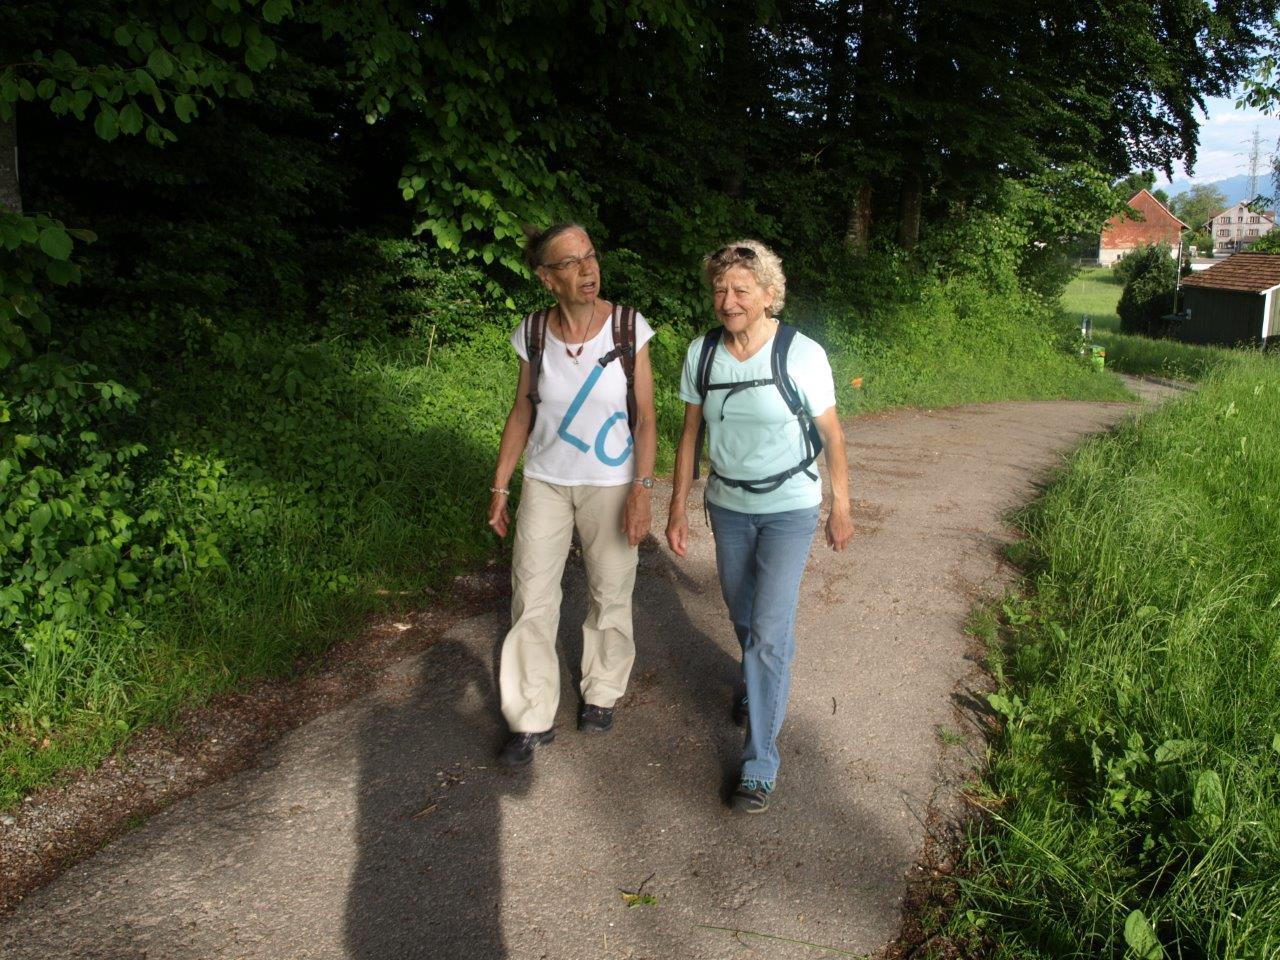 Dorfverein Wernetshausen gewinnt den Hinwiler Marsch!